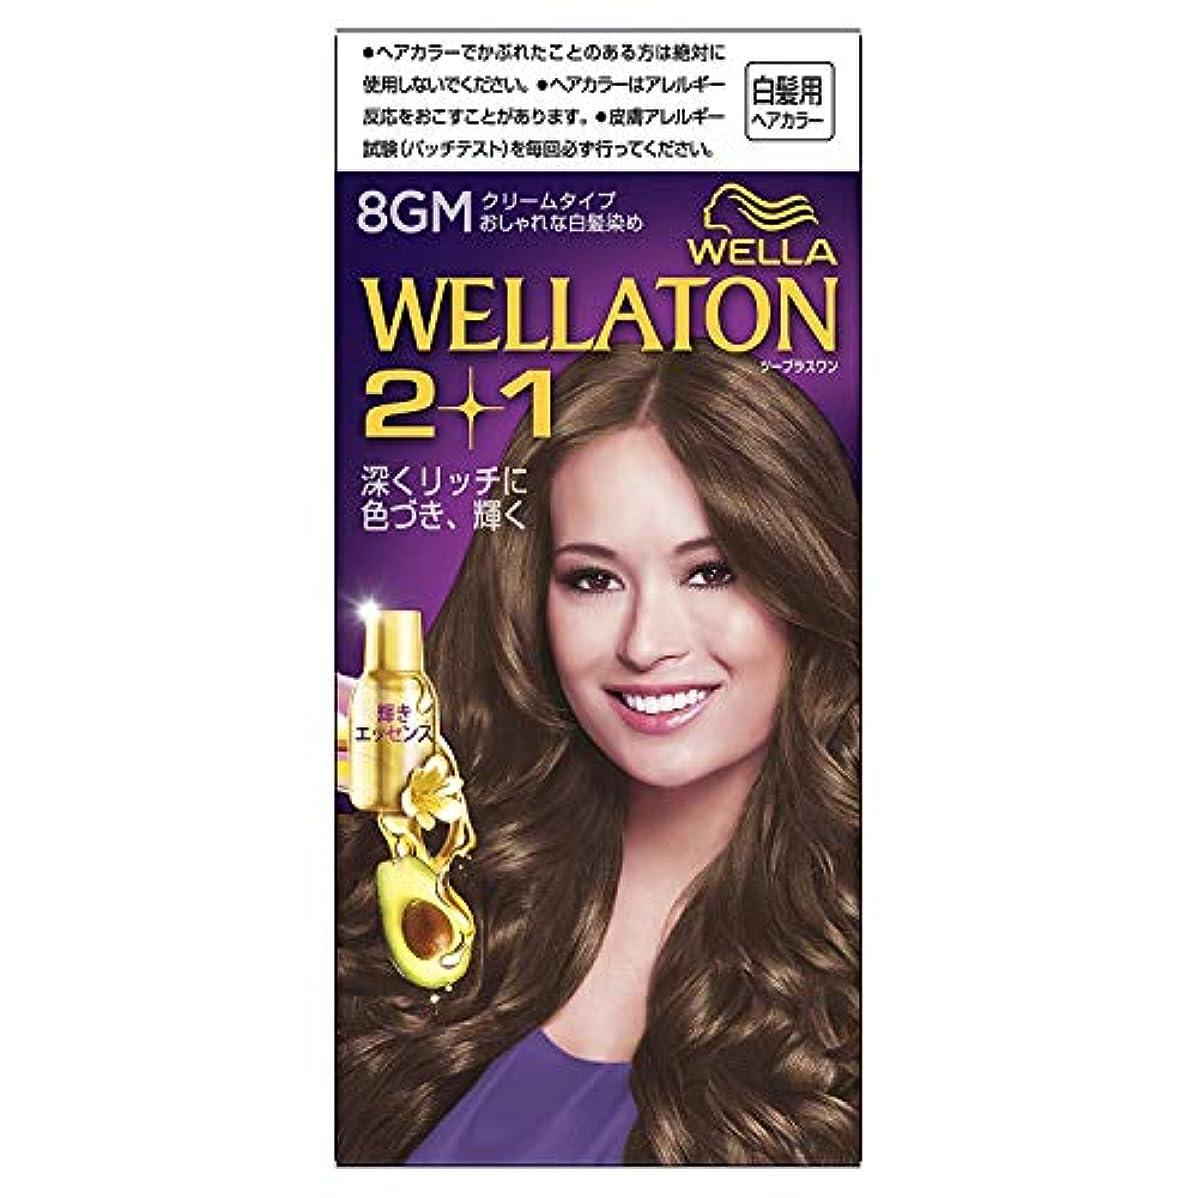 かまどスポット女の子ウエラトーン2+1 クリームタイプ 8GM [医薬部外品] ×6個